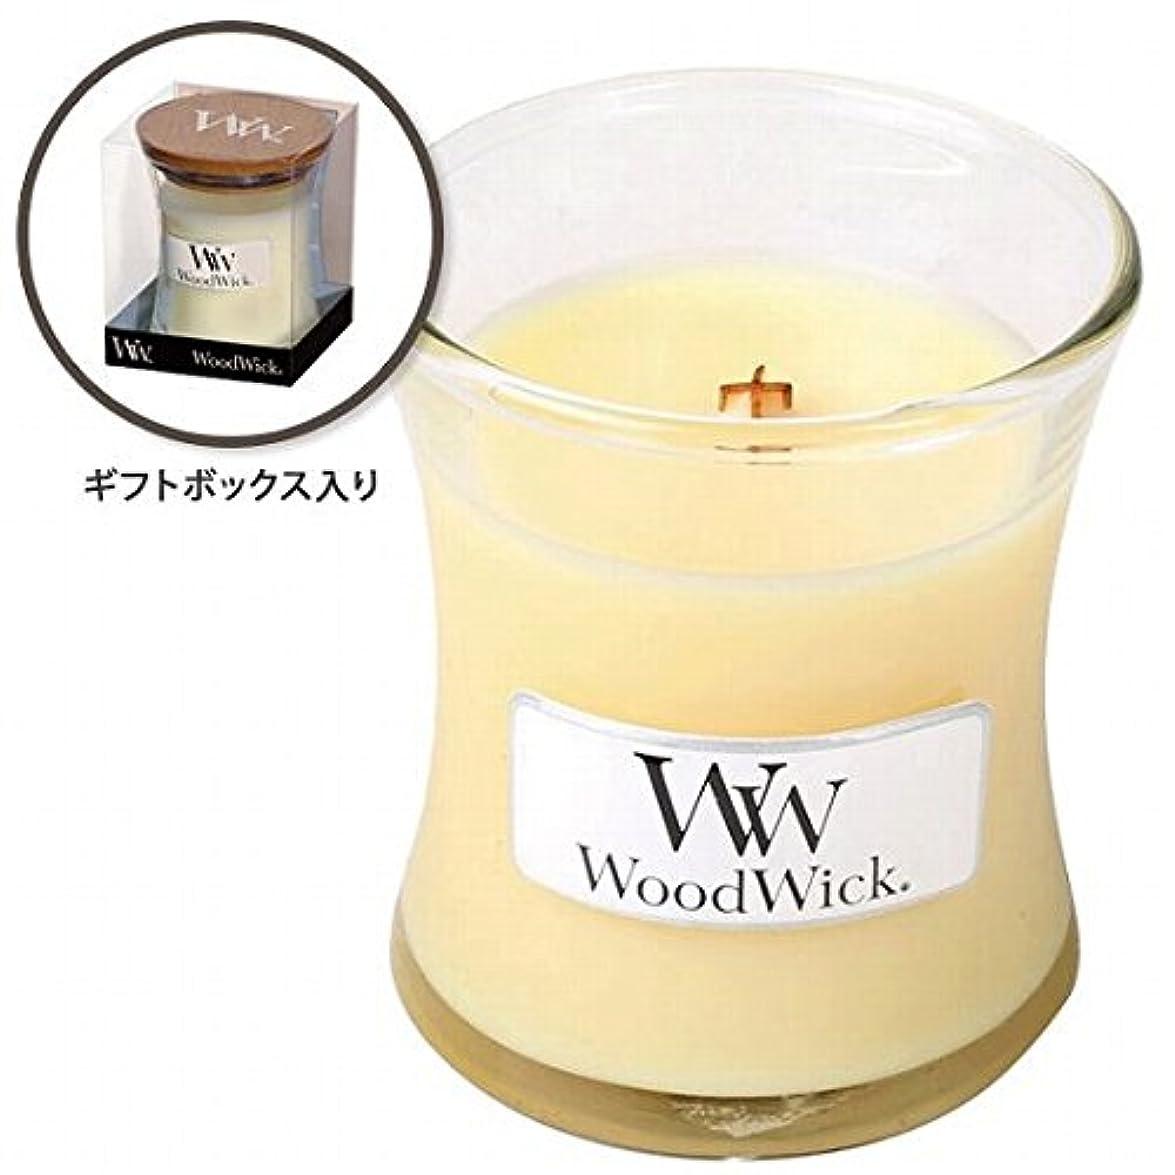 ホイストのれんWoodWick(ウッドウィック) Wood WickジャーS 「レモングラス&リリー」(W9000550)